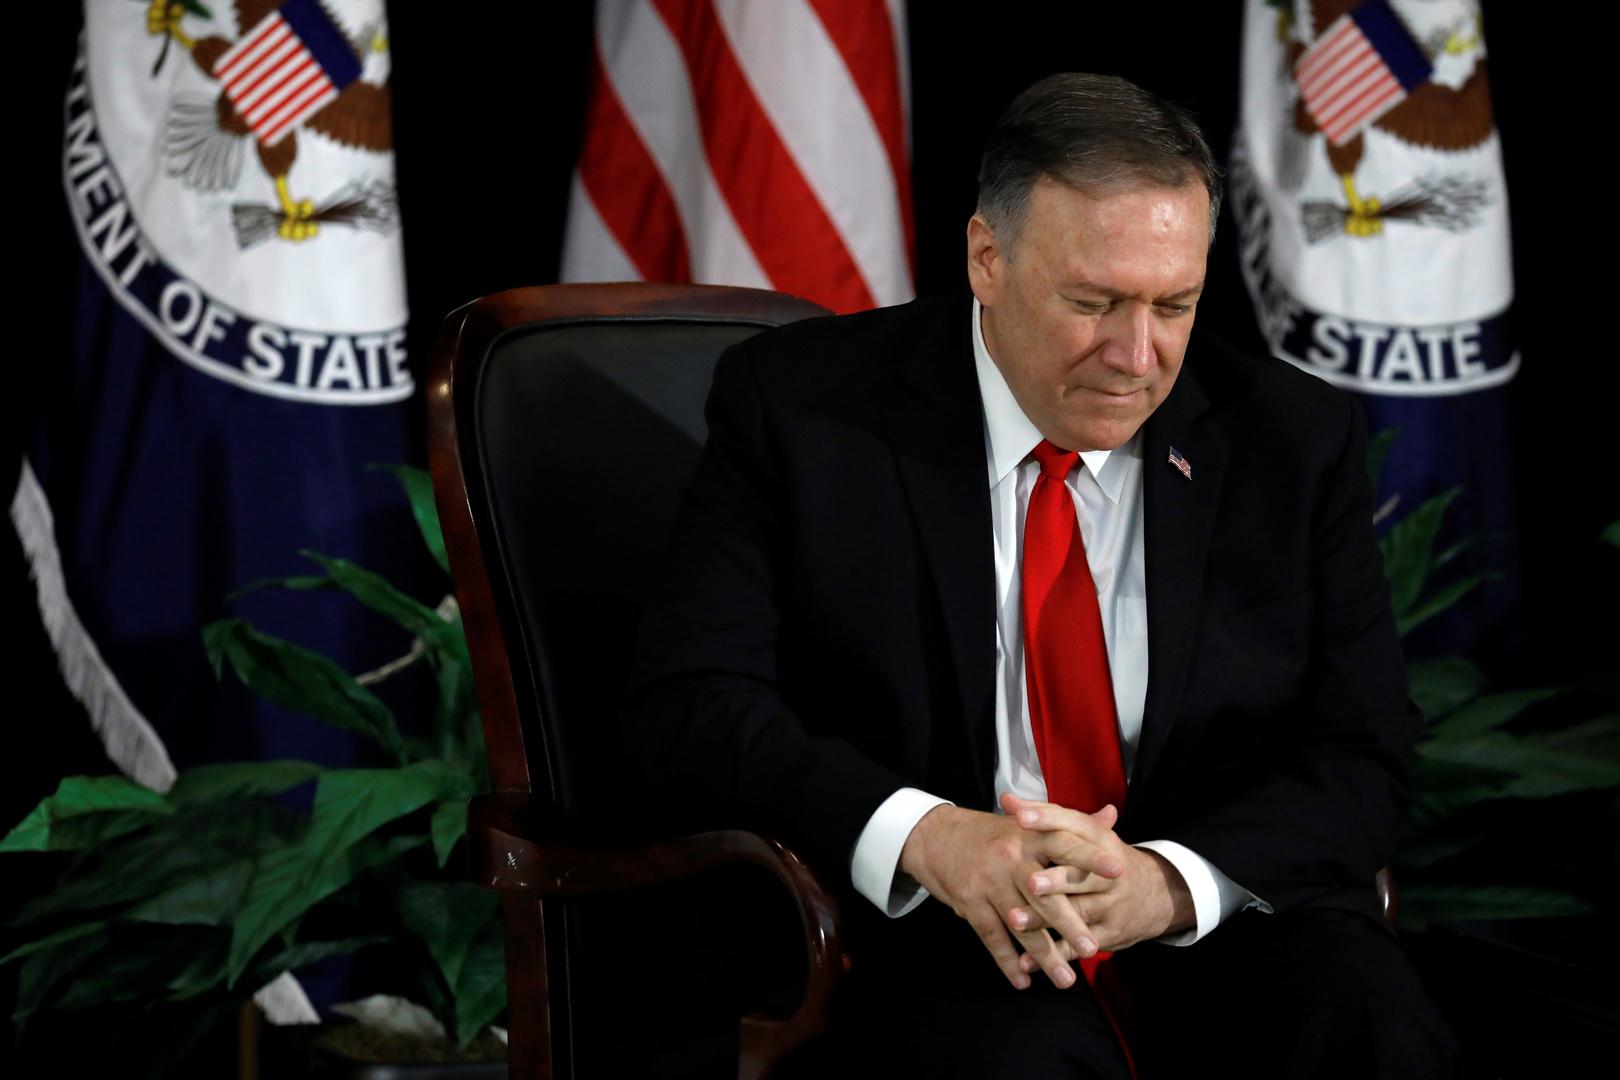 بومبيو يتهم الصين بمحاولة بسط نفوذها في الولايات الأمريكية